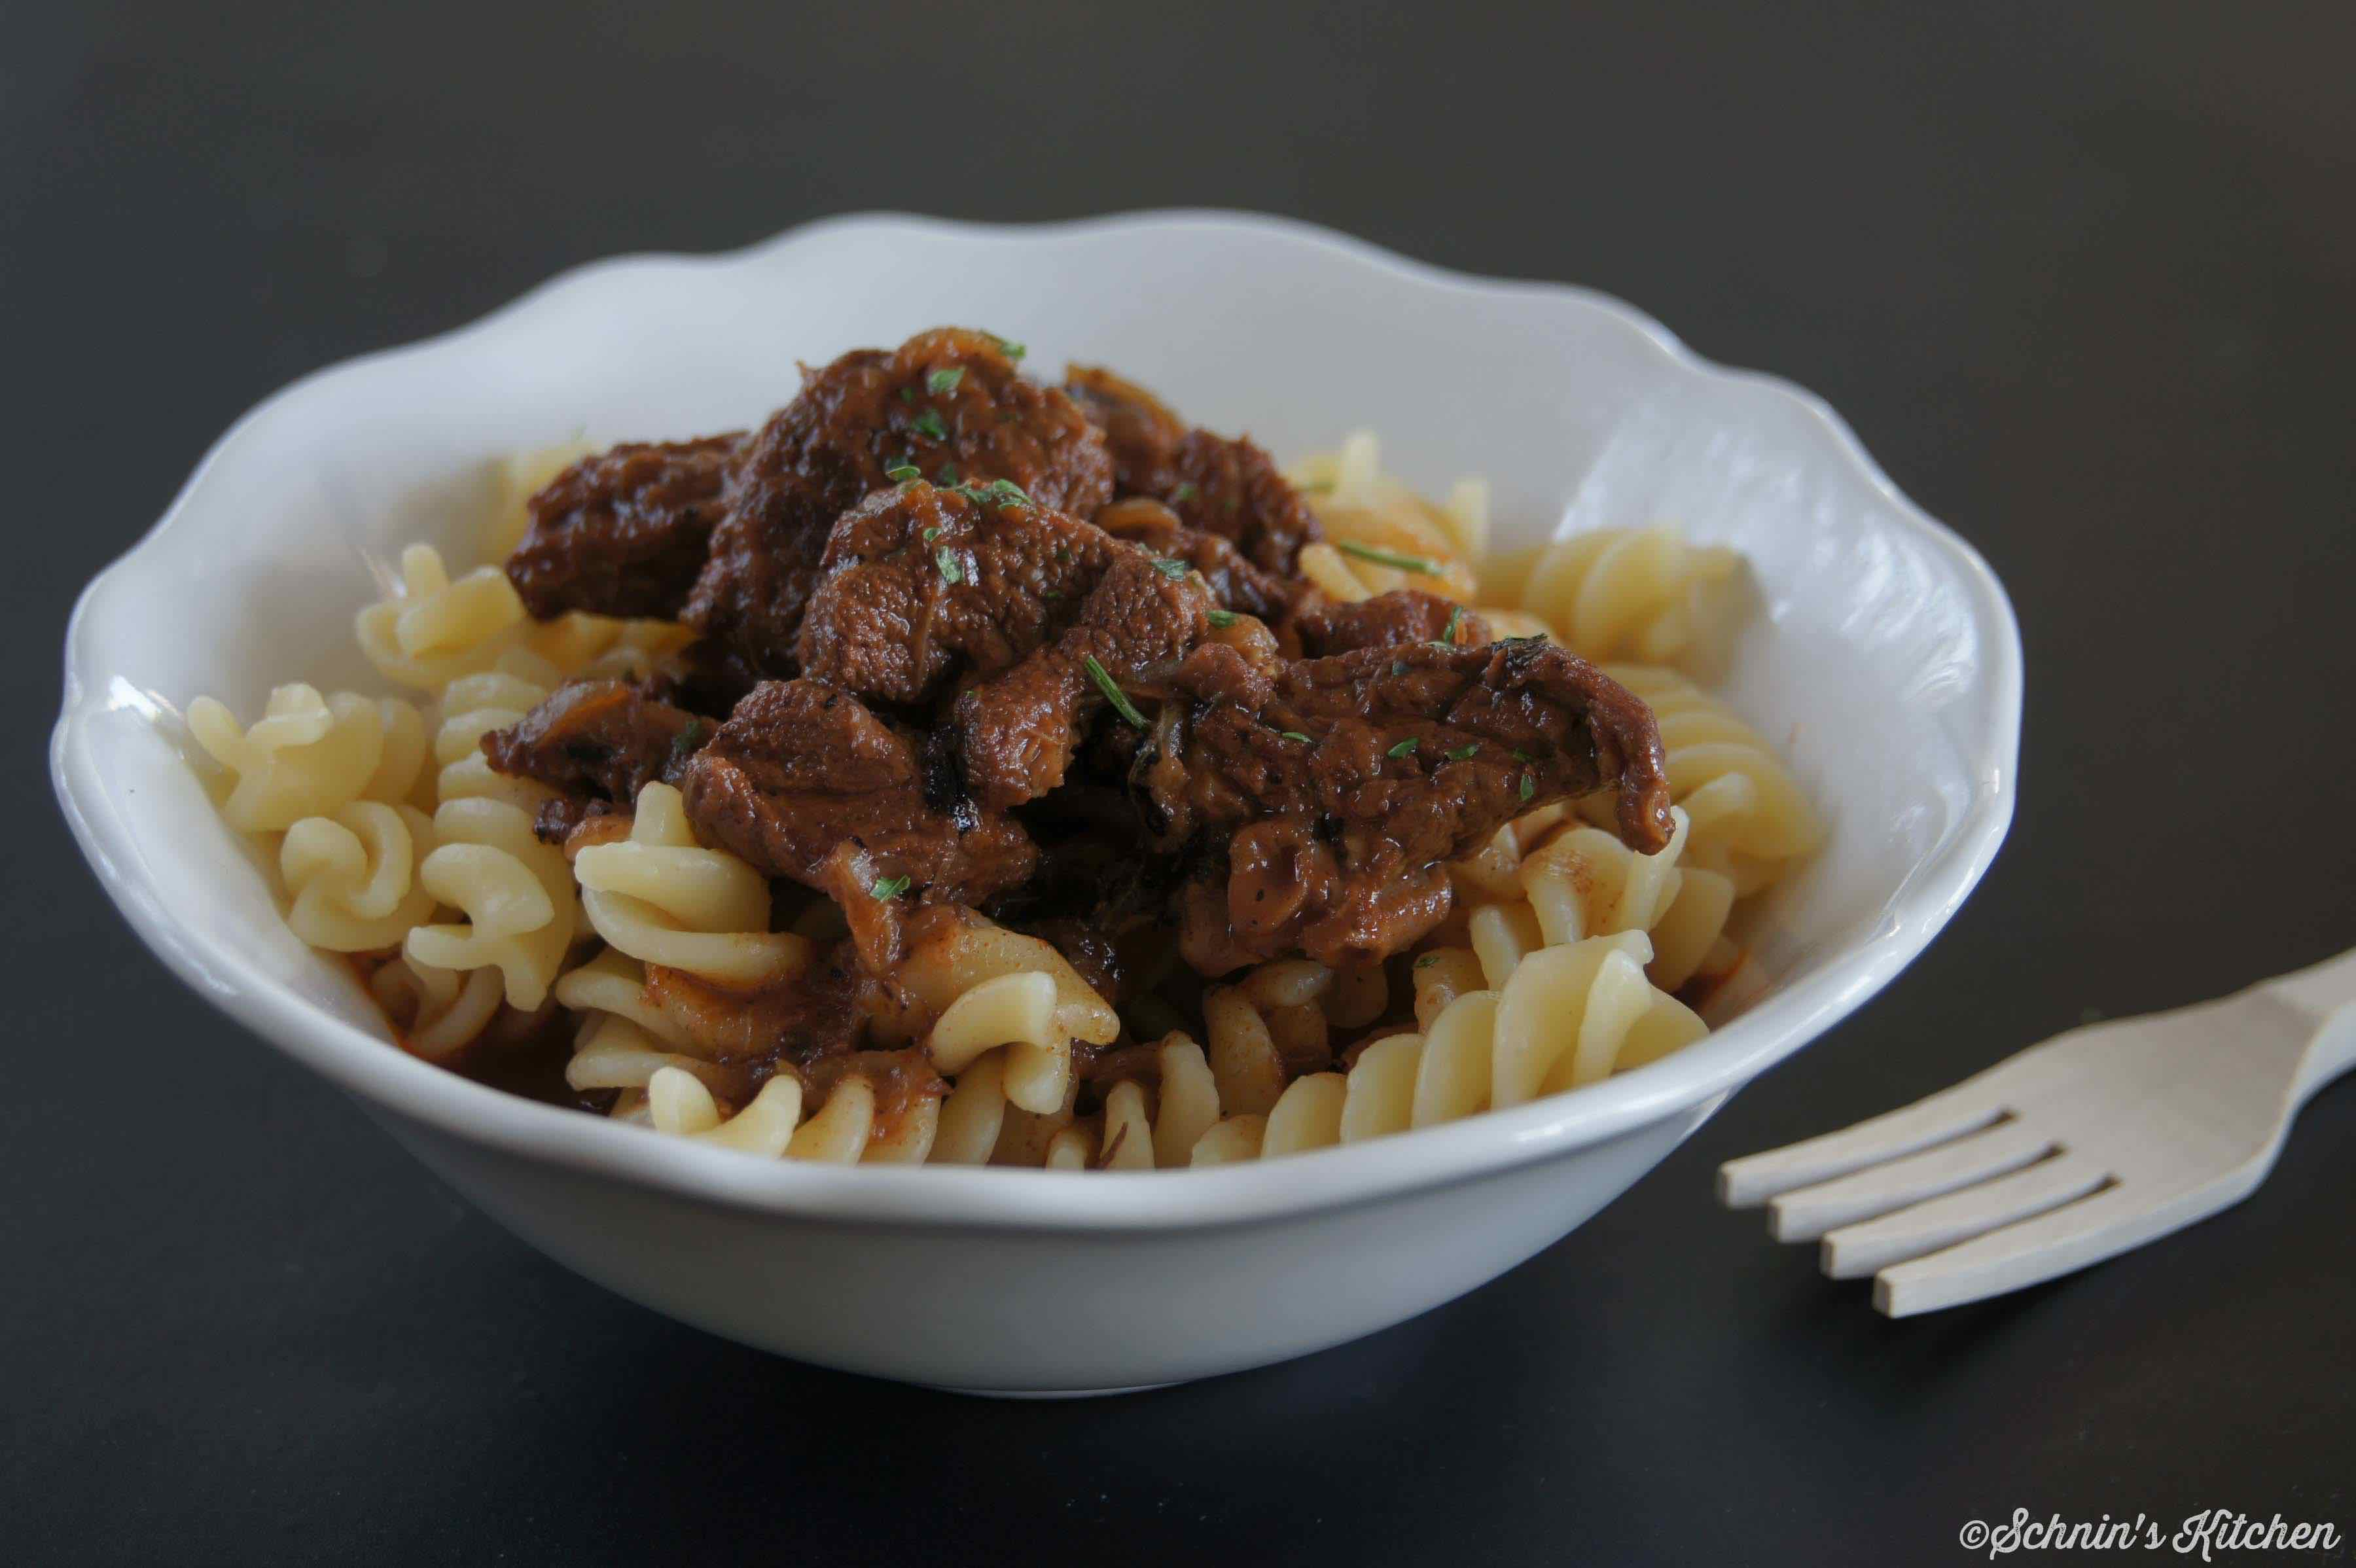 Schnin's Kitchen: Saftiges Gulasch vom Rind